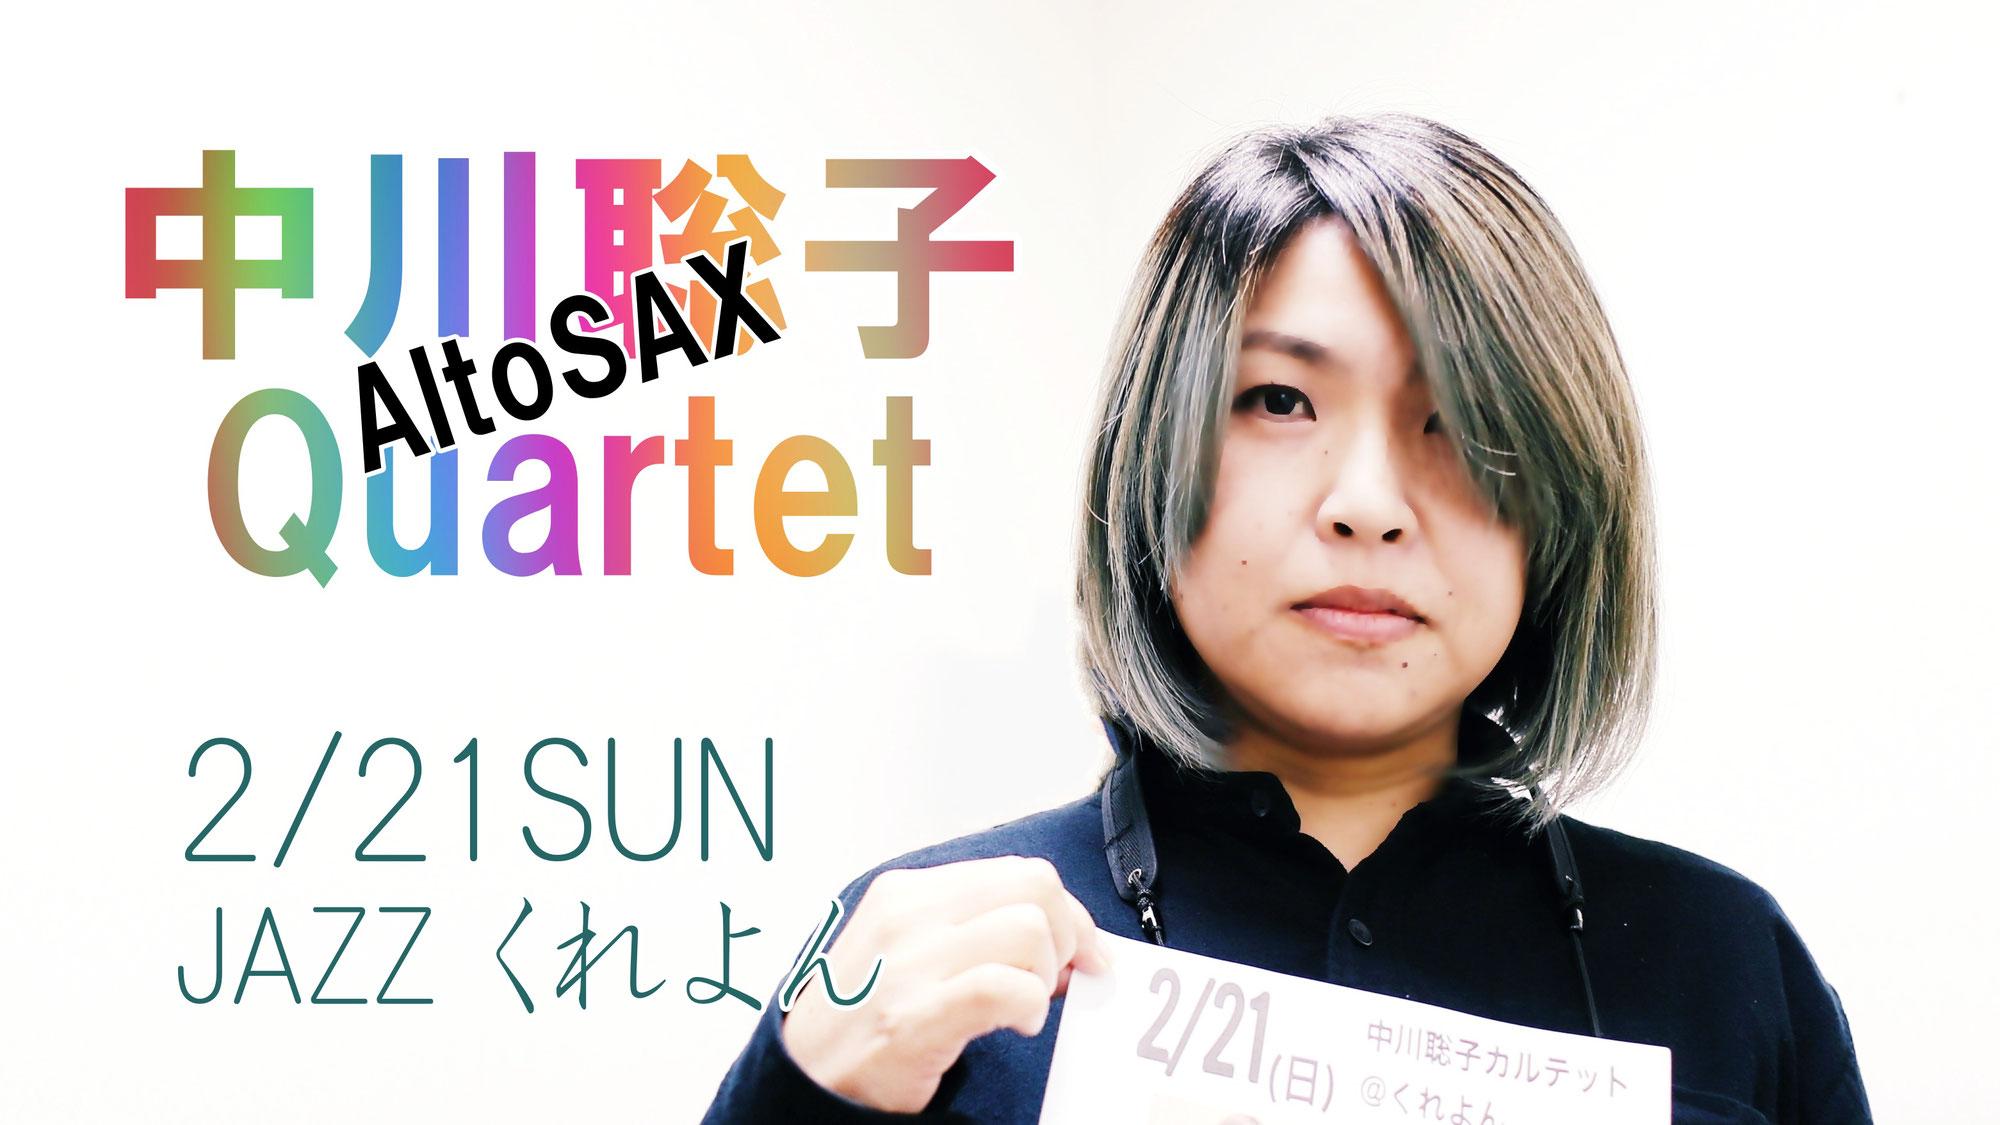 中川聡子先生ライブのお知らせ/2月21日(日)